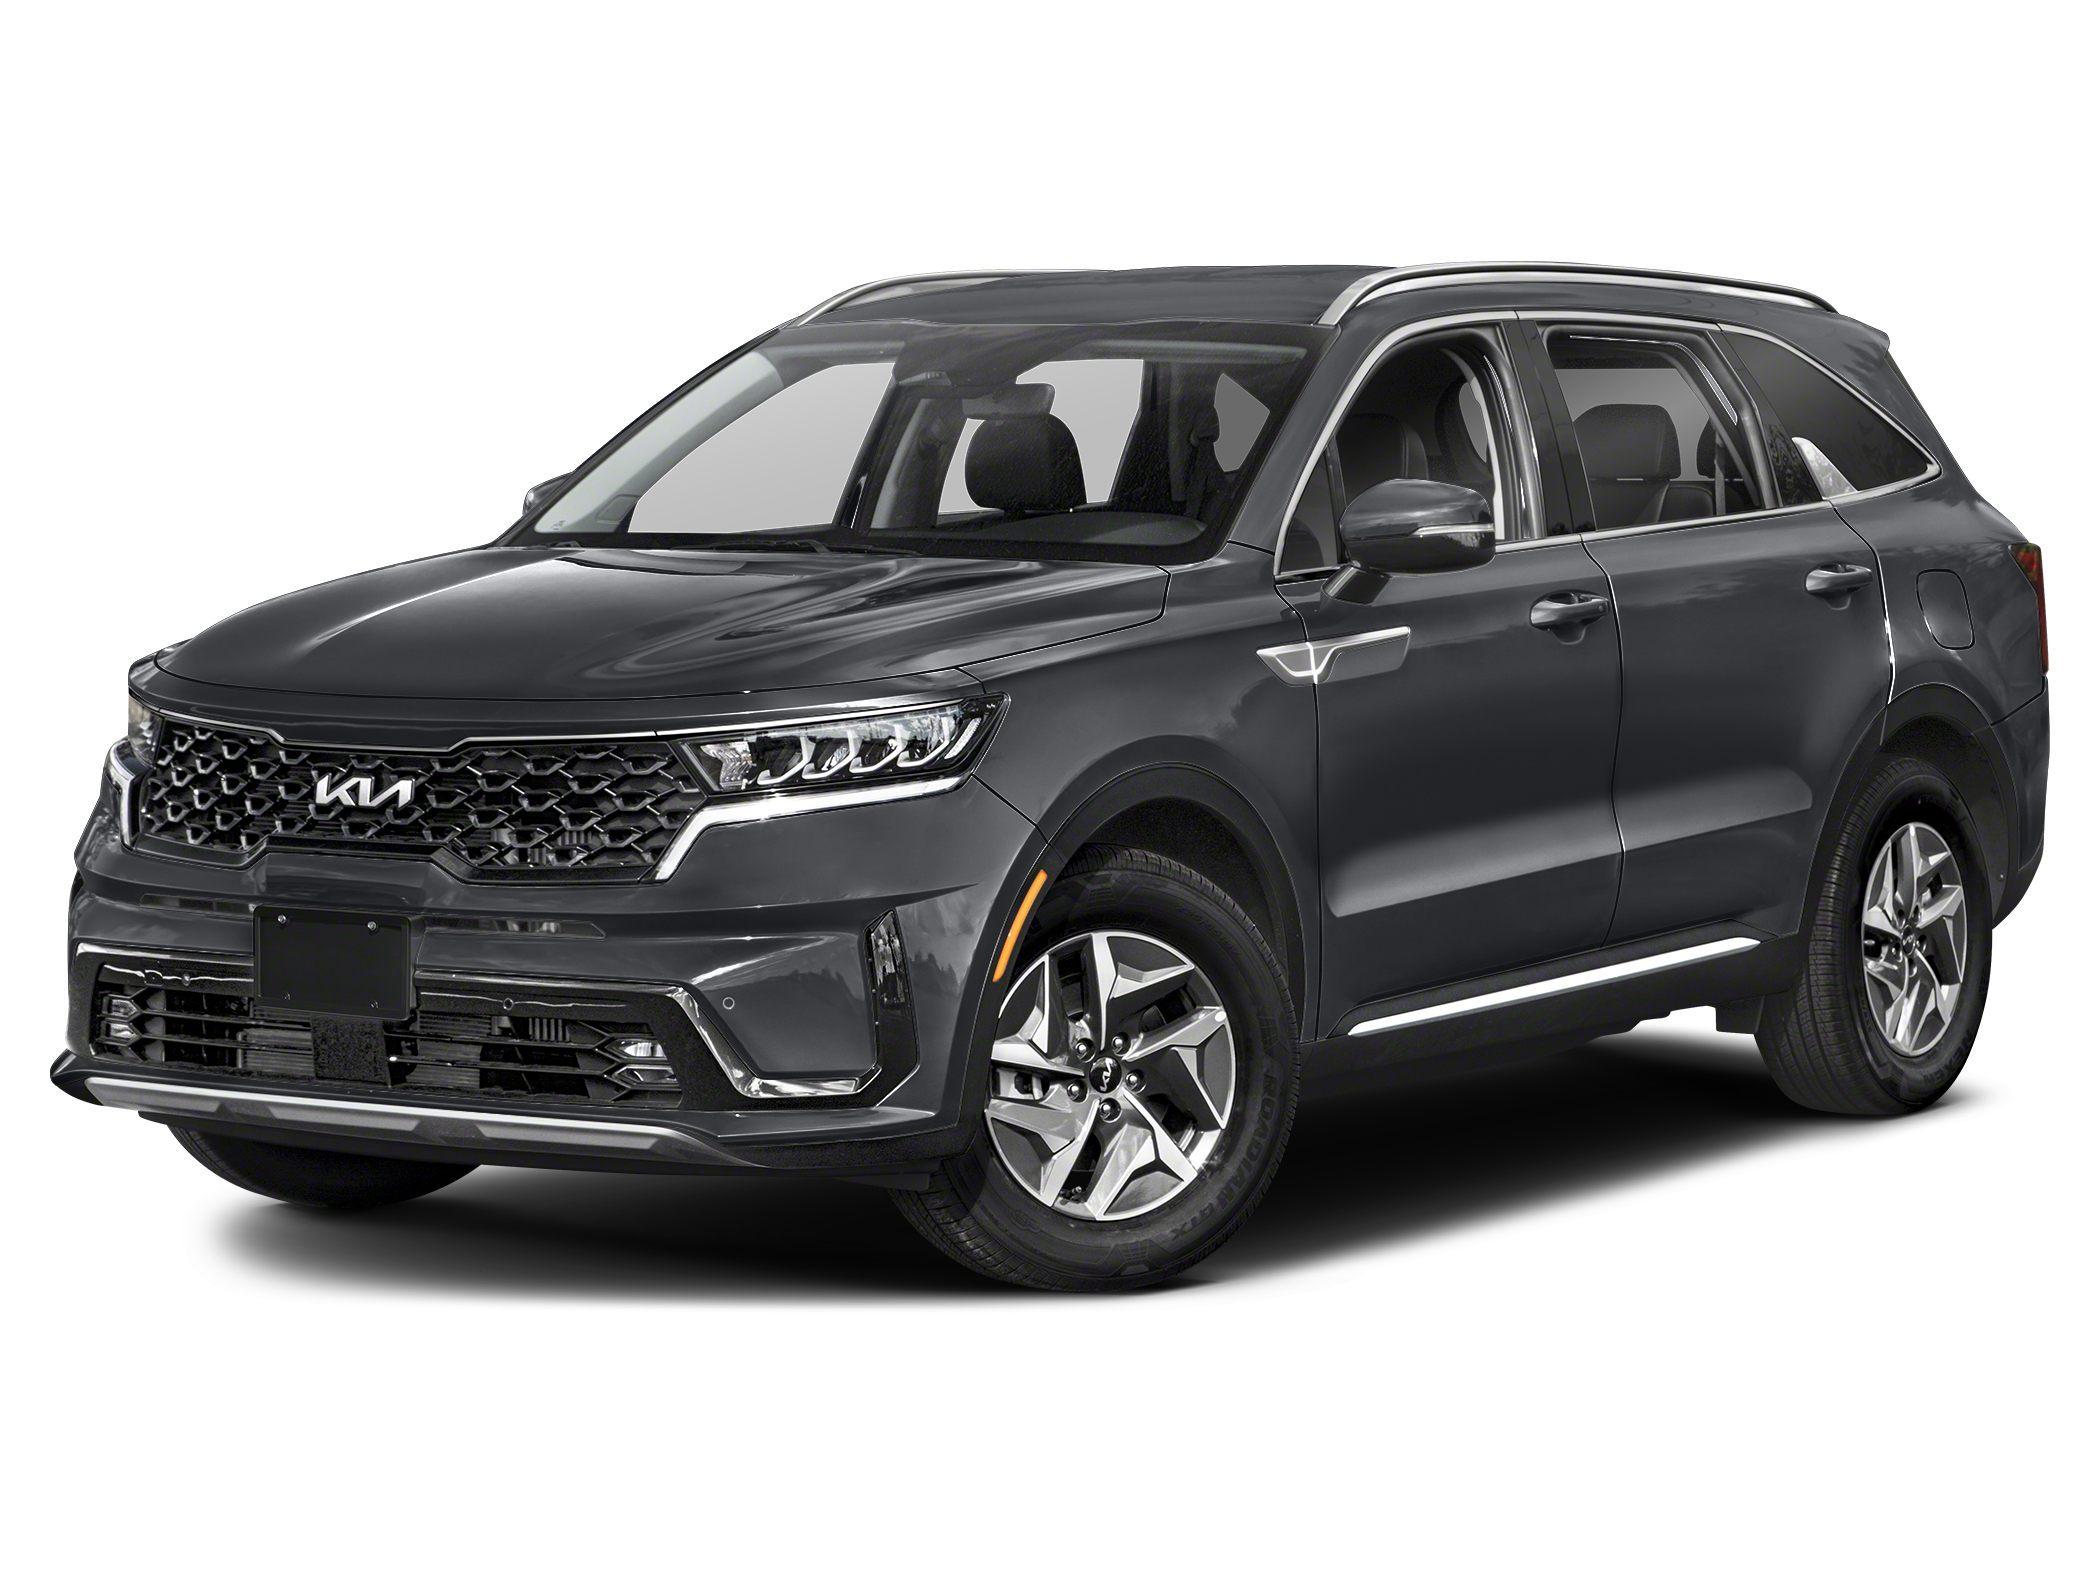 2022 Kia Sorento Hybrid SUV